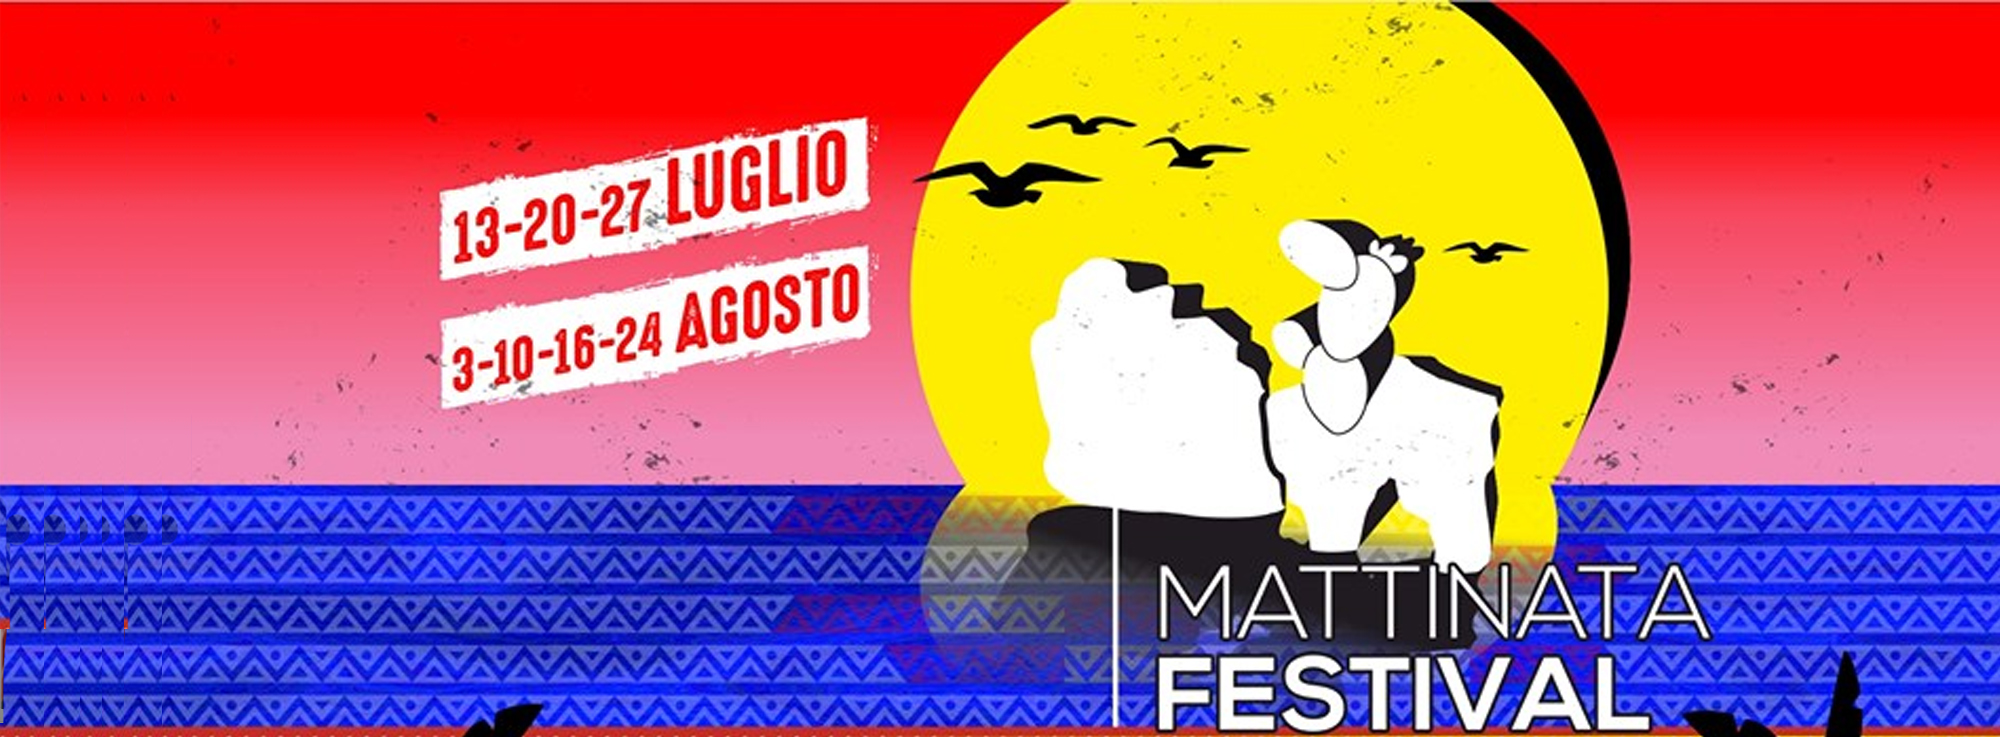 Mattinata: Mattinata Festival